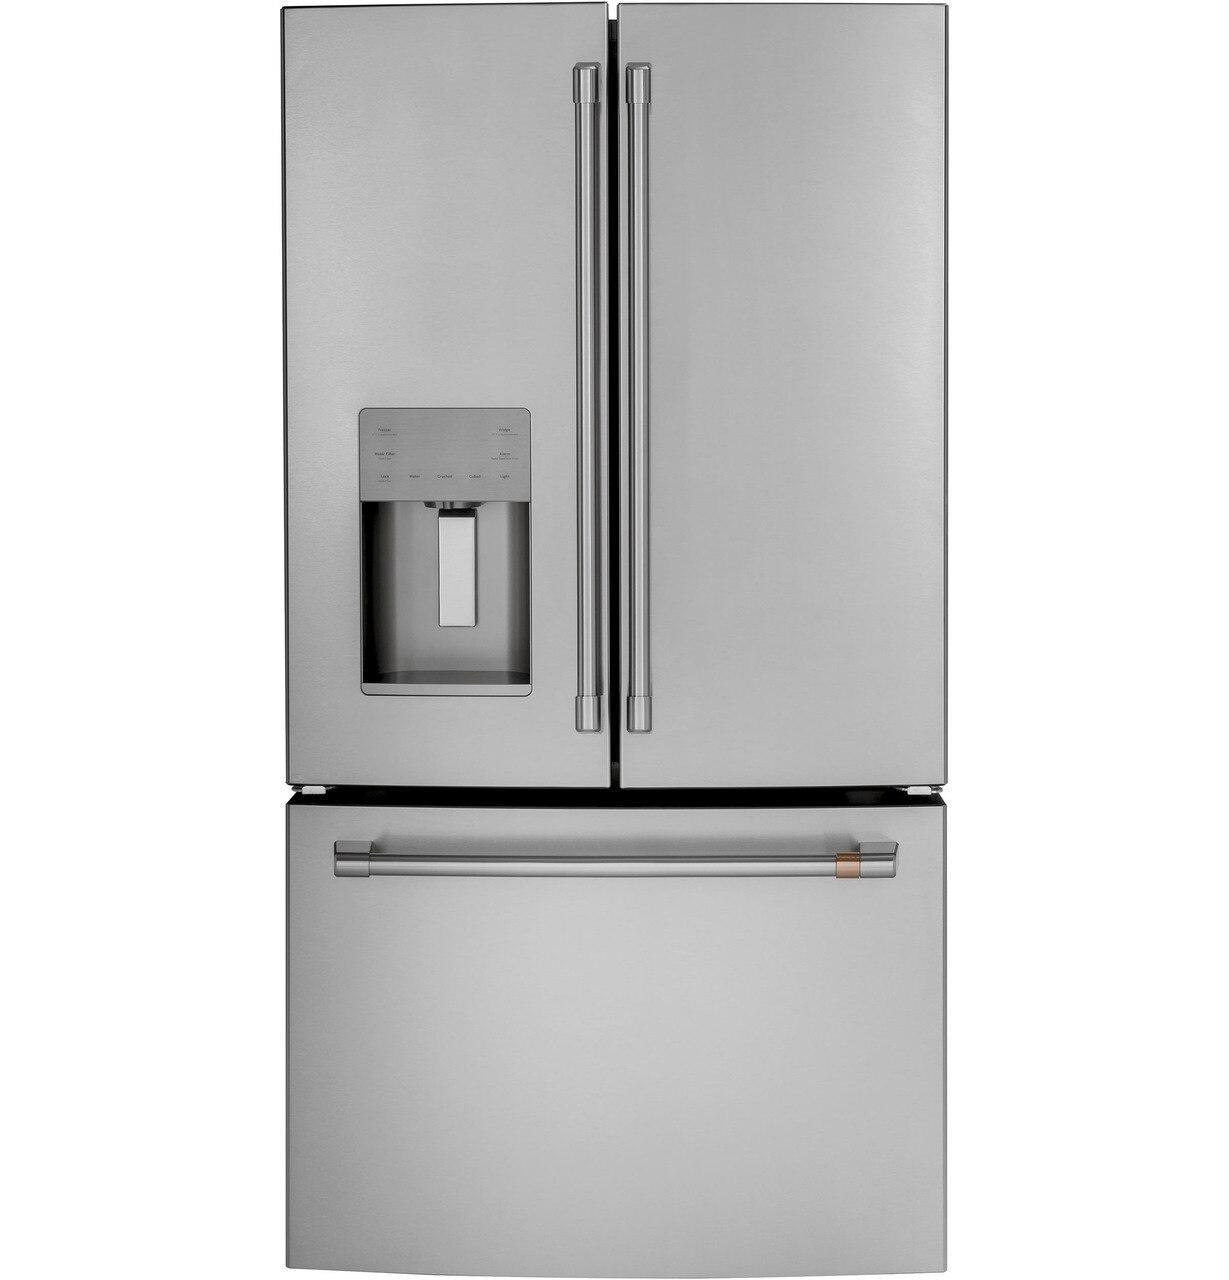 CafeCafé™ Energy Star® 25.6 Cu. Ft. French-Door Refrigerator